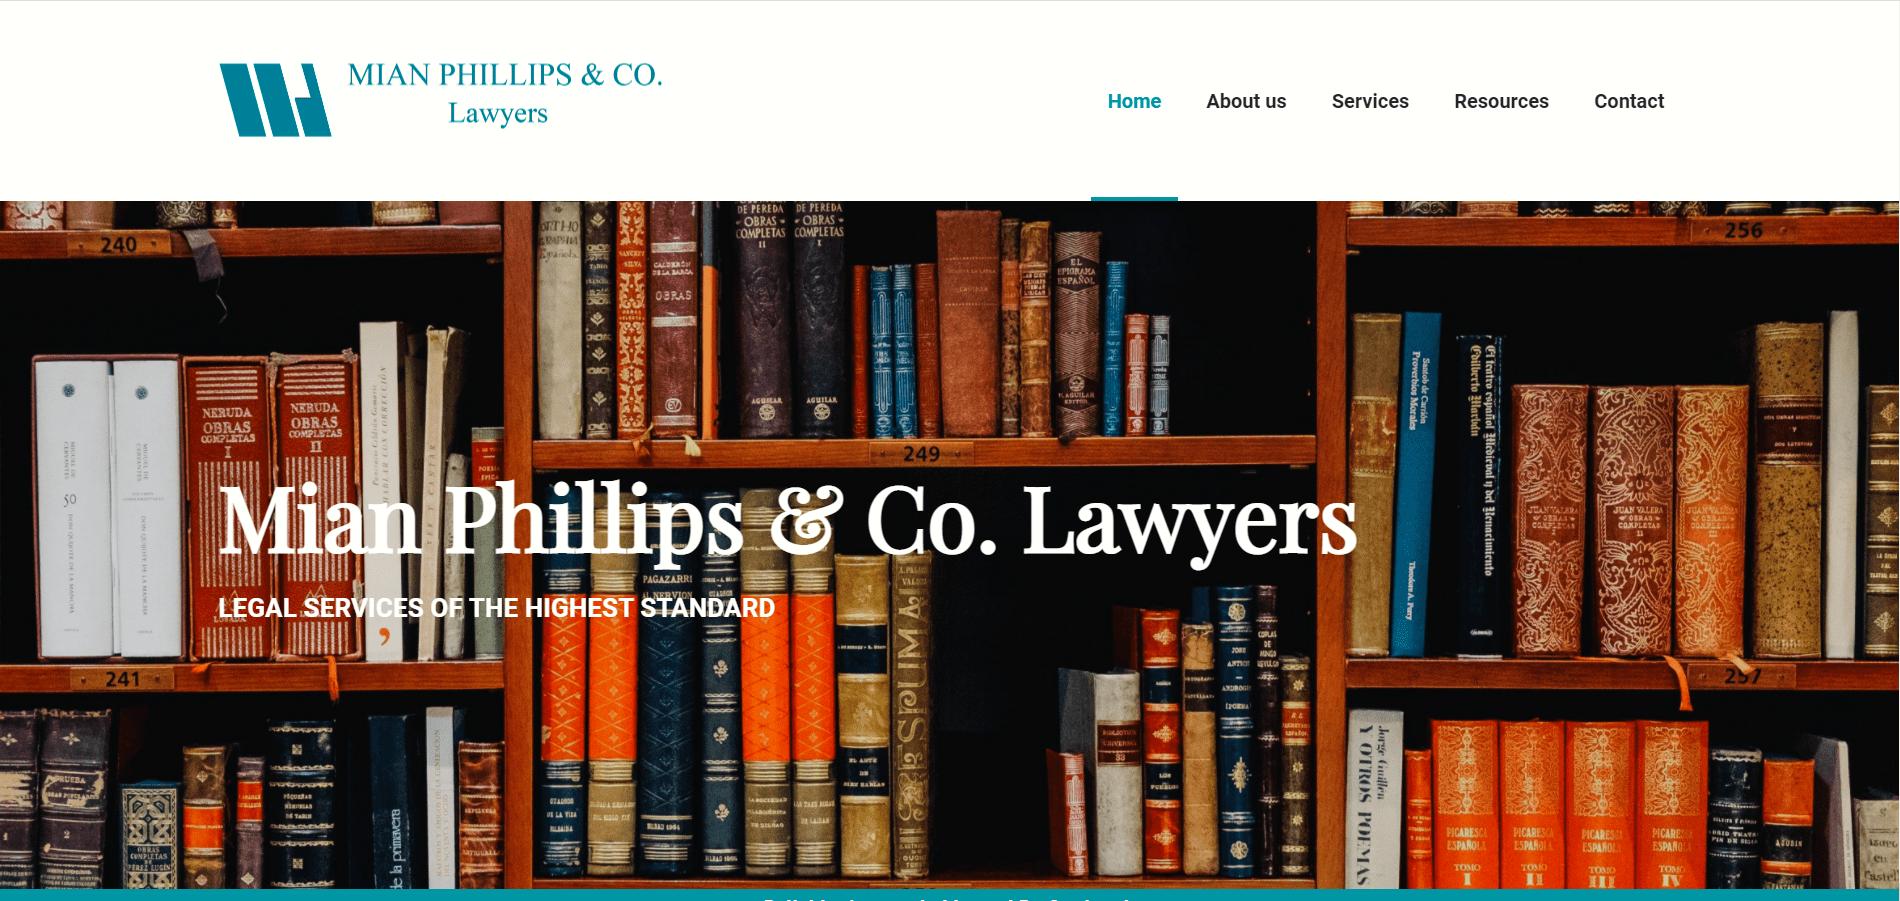 Mian Phillips & Co. Lawyers